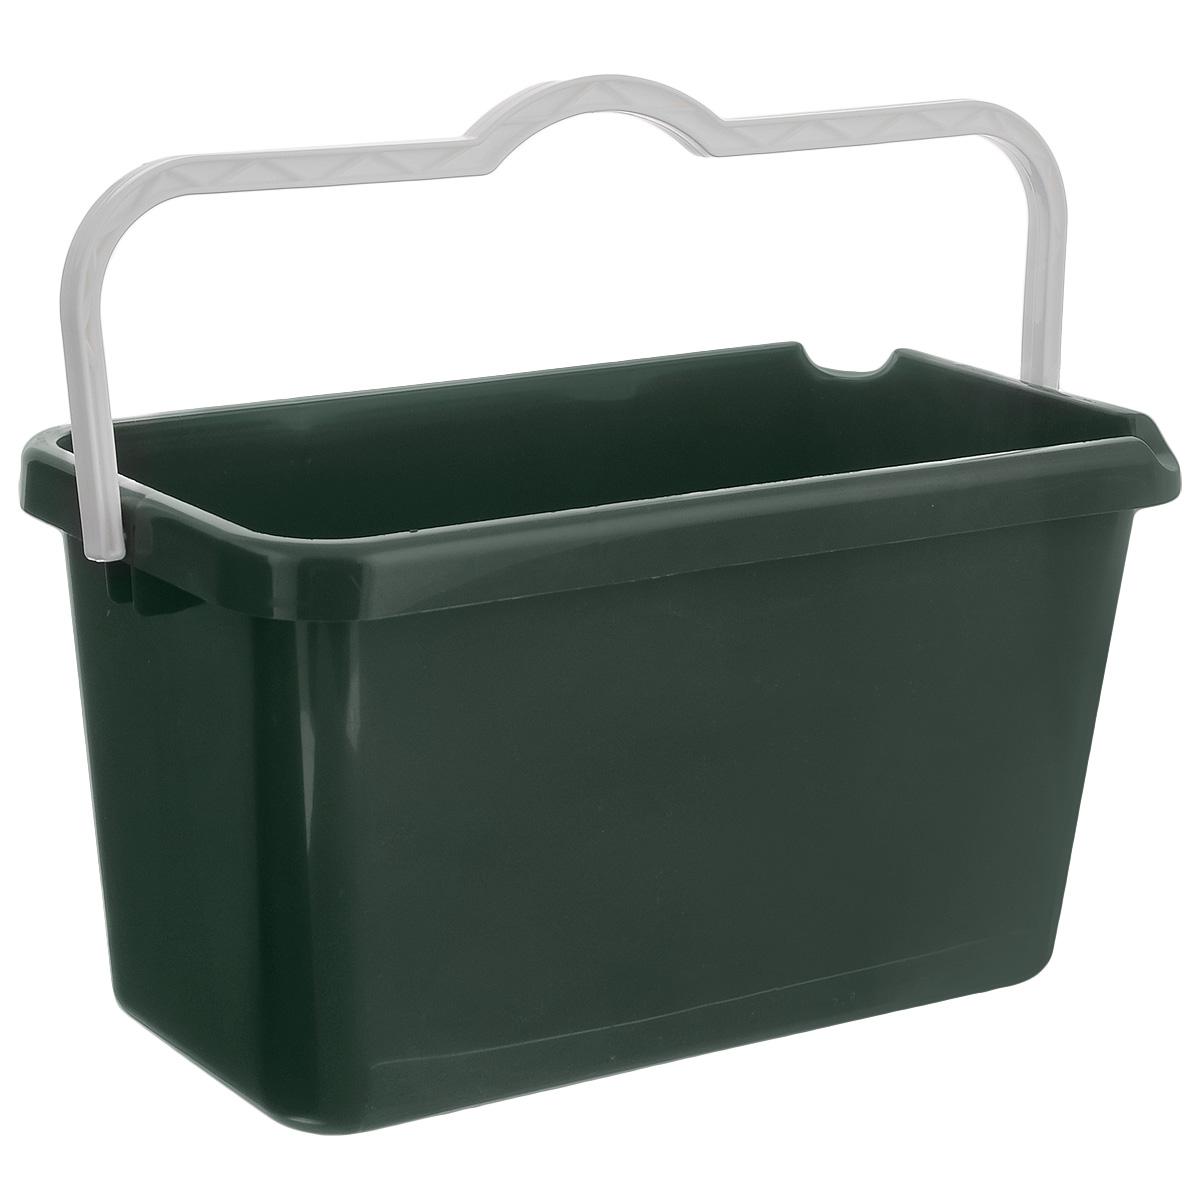 Ведро Альтернатива Эконом, прямоугольное, цвет: темно-зеленый, белый, 14 л ведро с крышкой хозяюшка пластик 10л альтернатива м1213